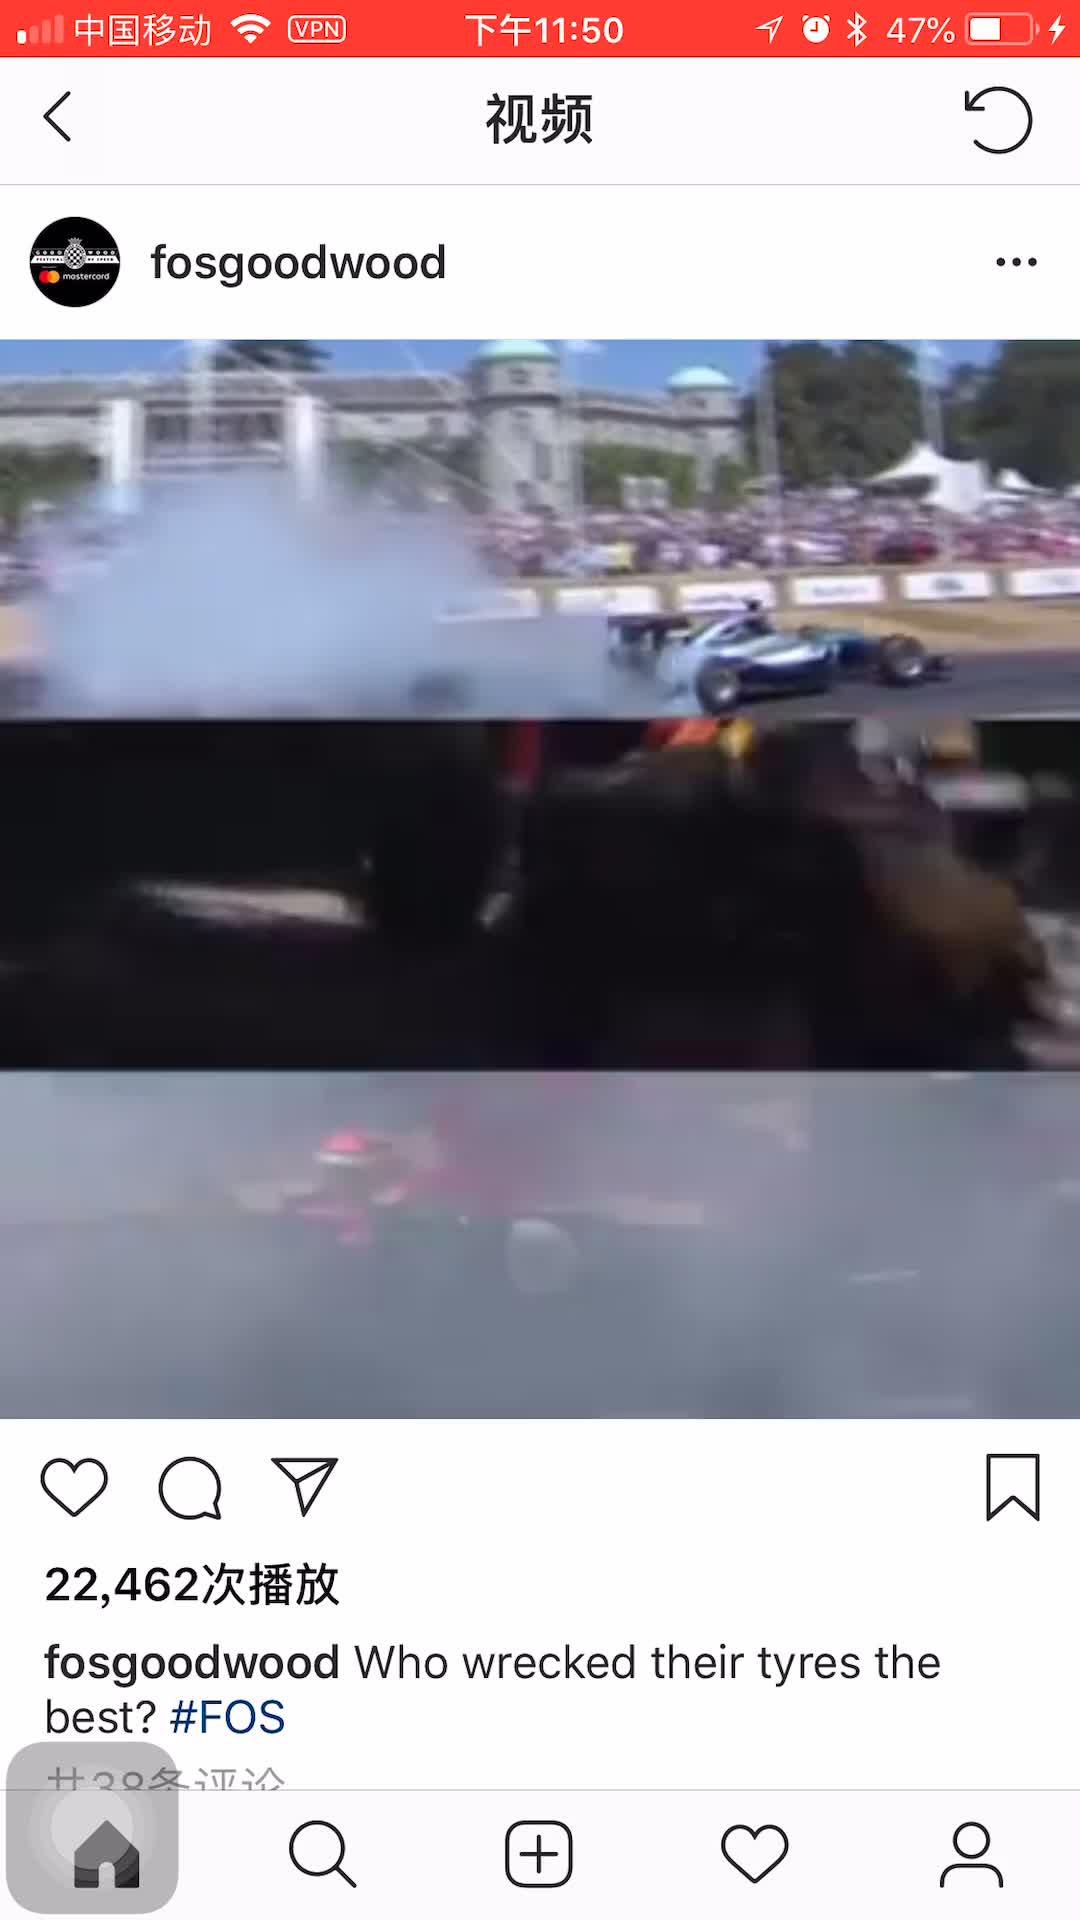 古德伍德F1漂移秀